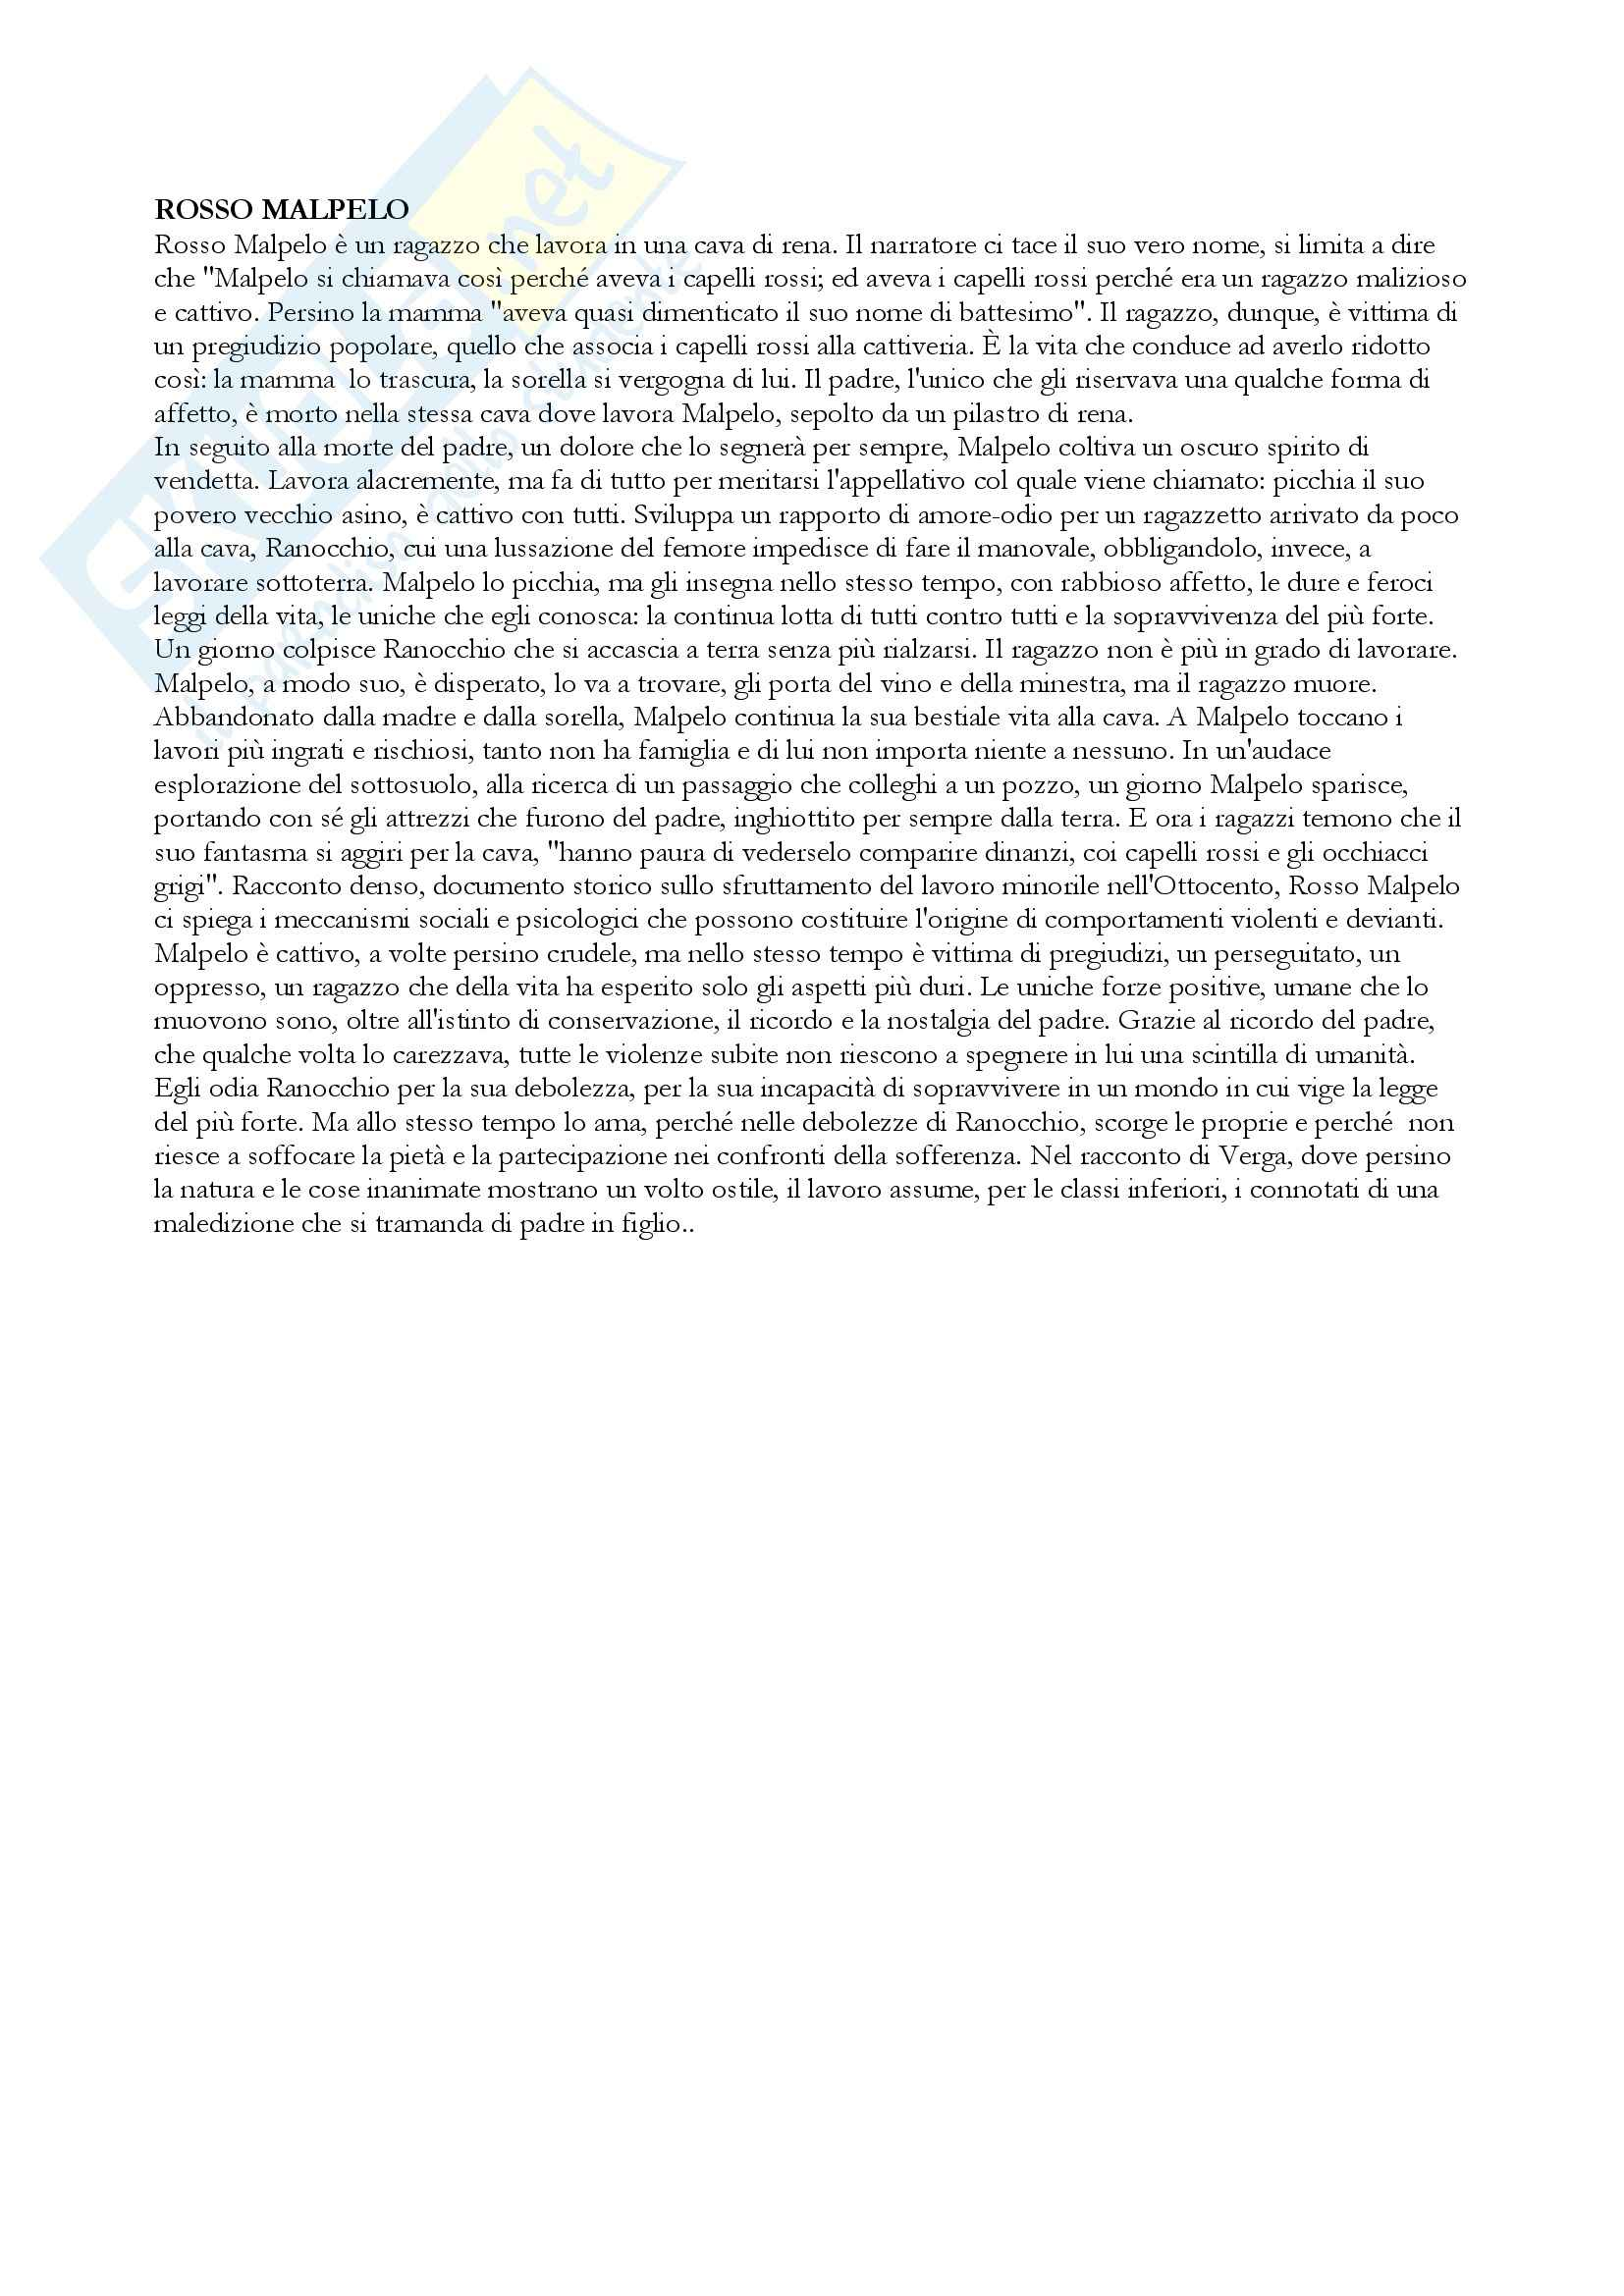 Rosso Malpelo, Verga - Riassunto, prof. Zoppi